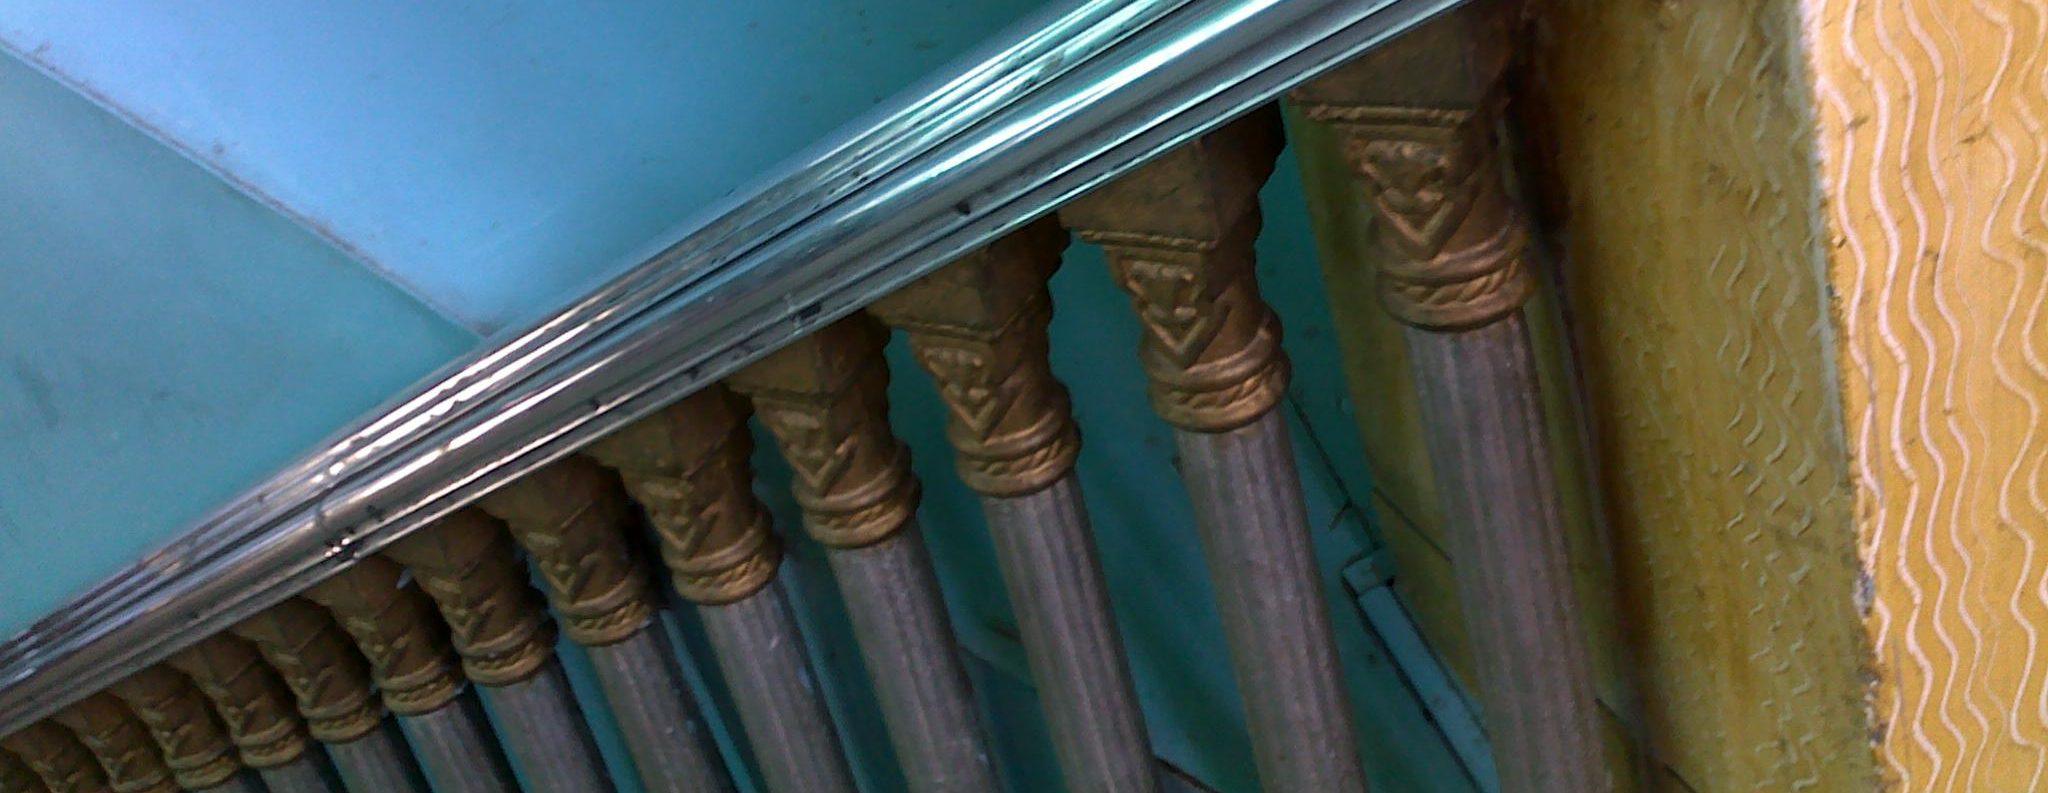 a railing